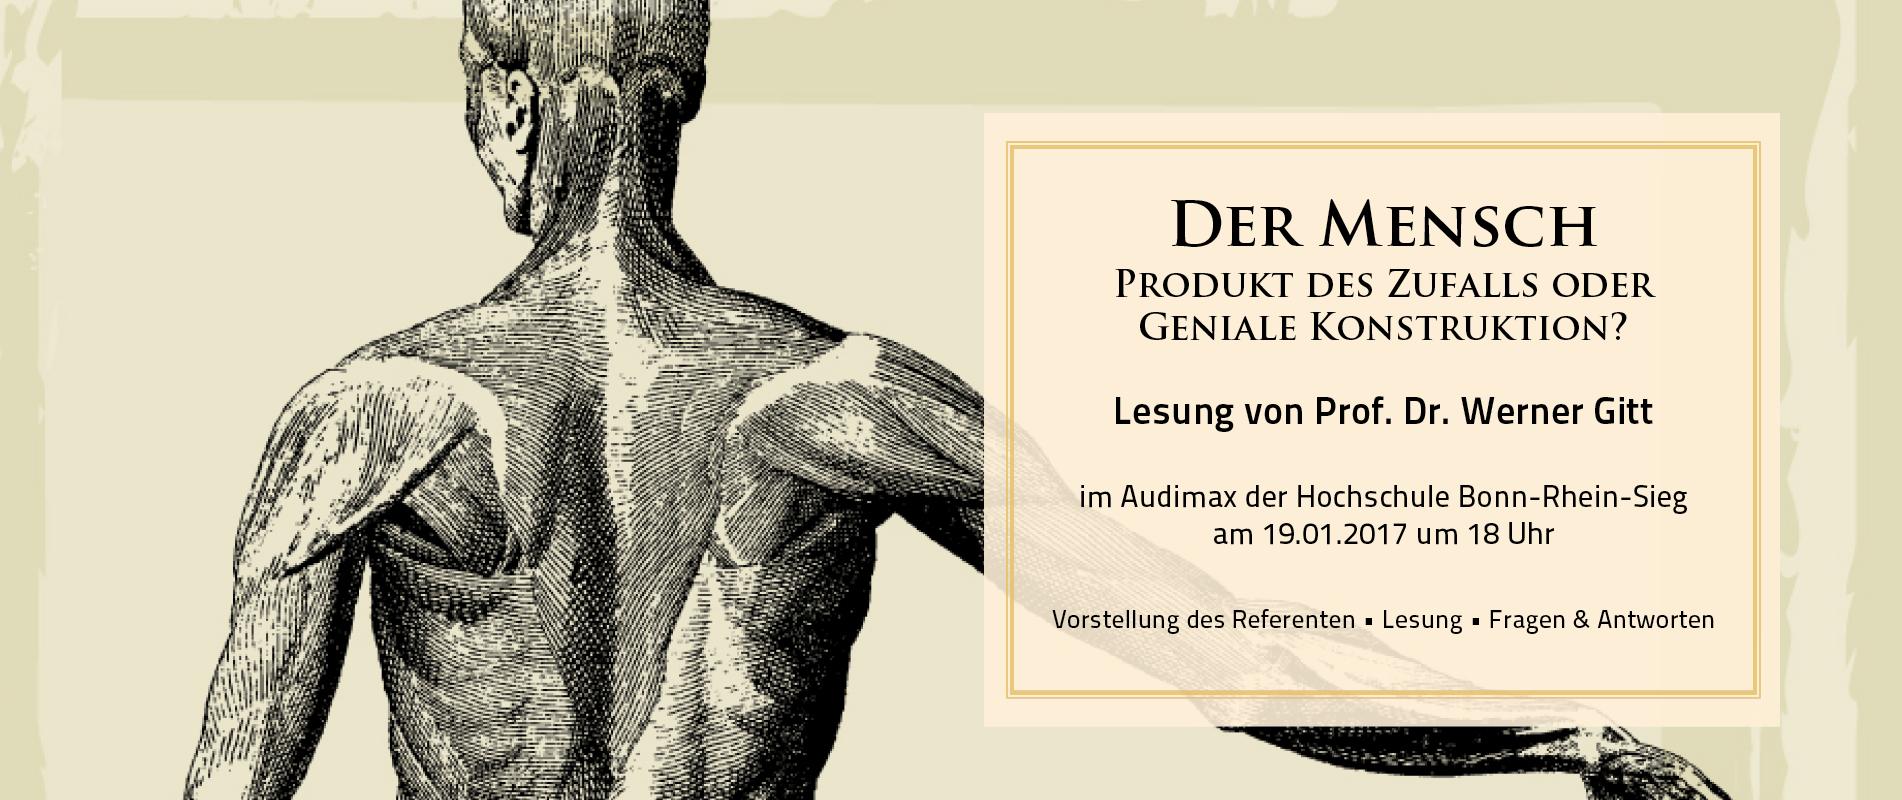 Beste Mensch Boby Ideen - Anatomie Ideen - finotti.info